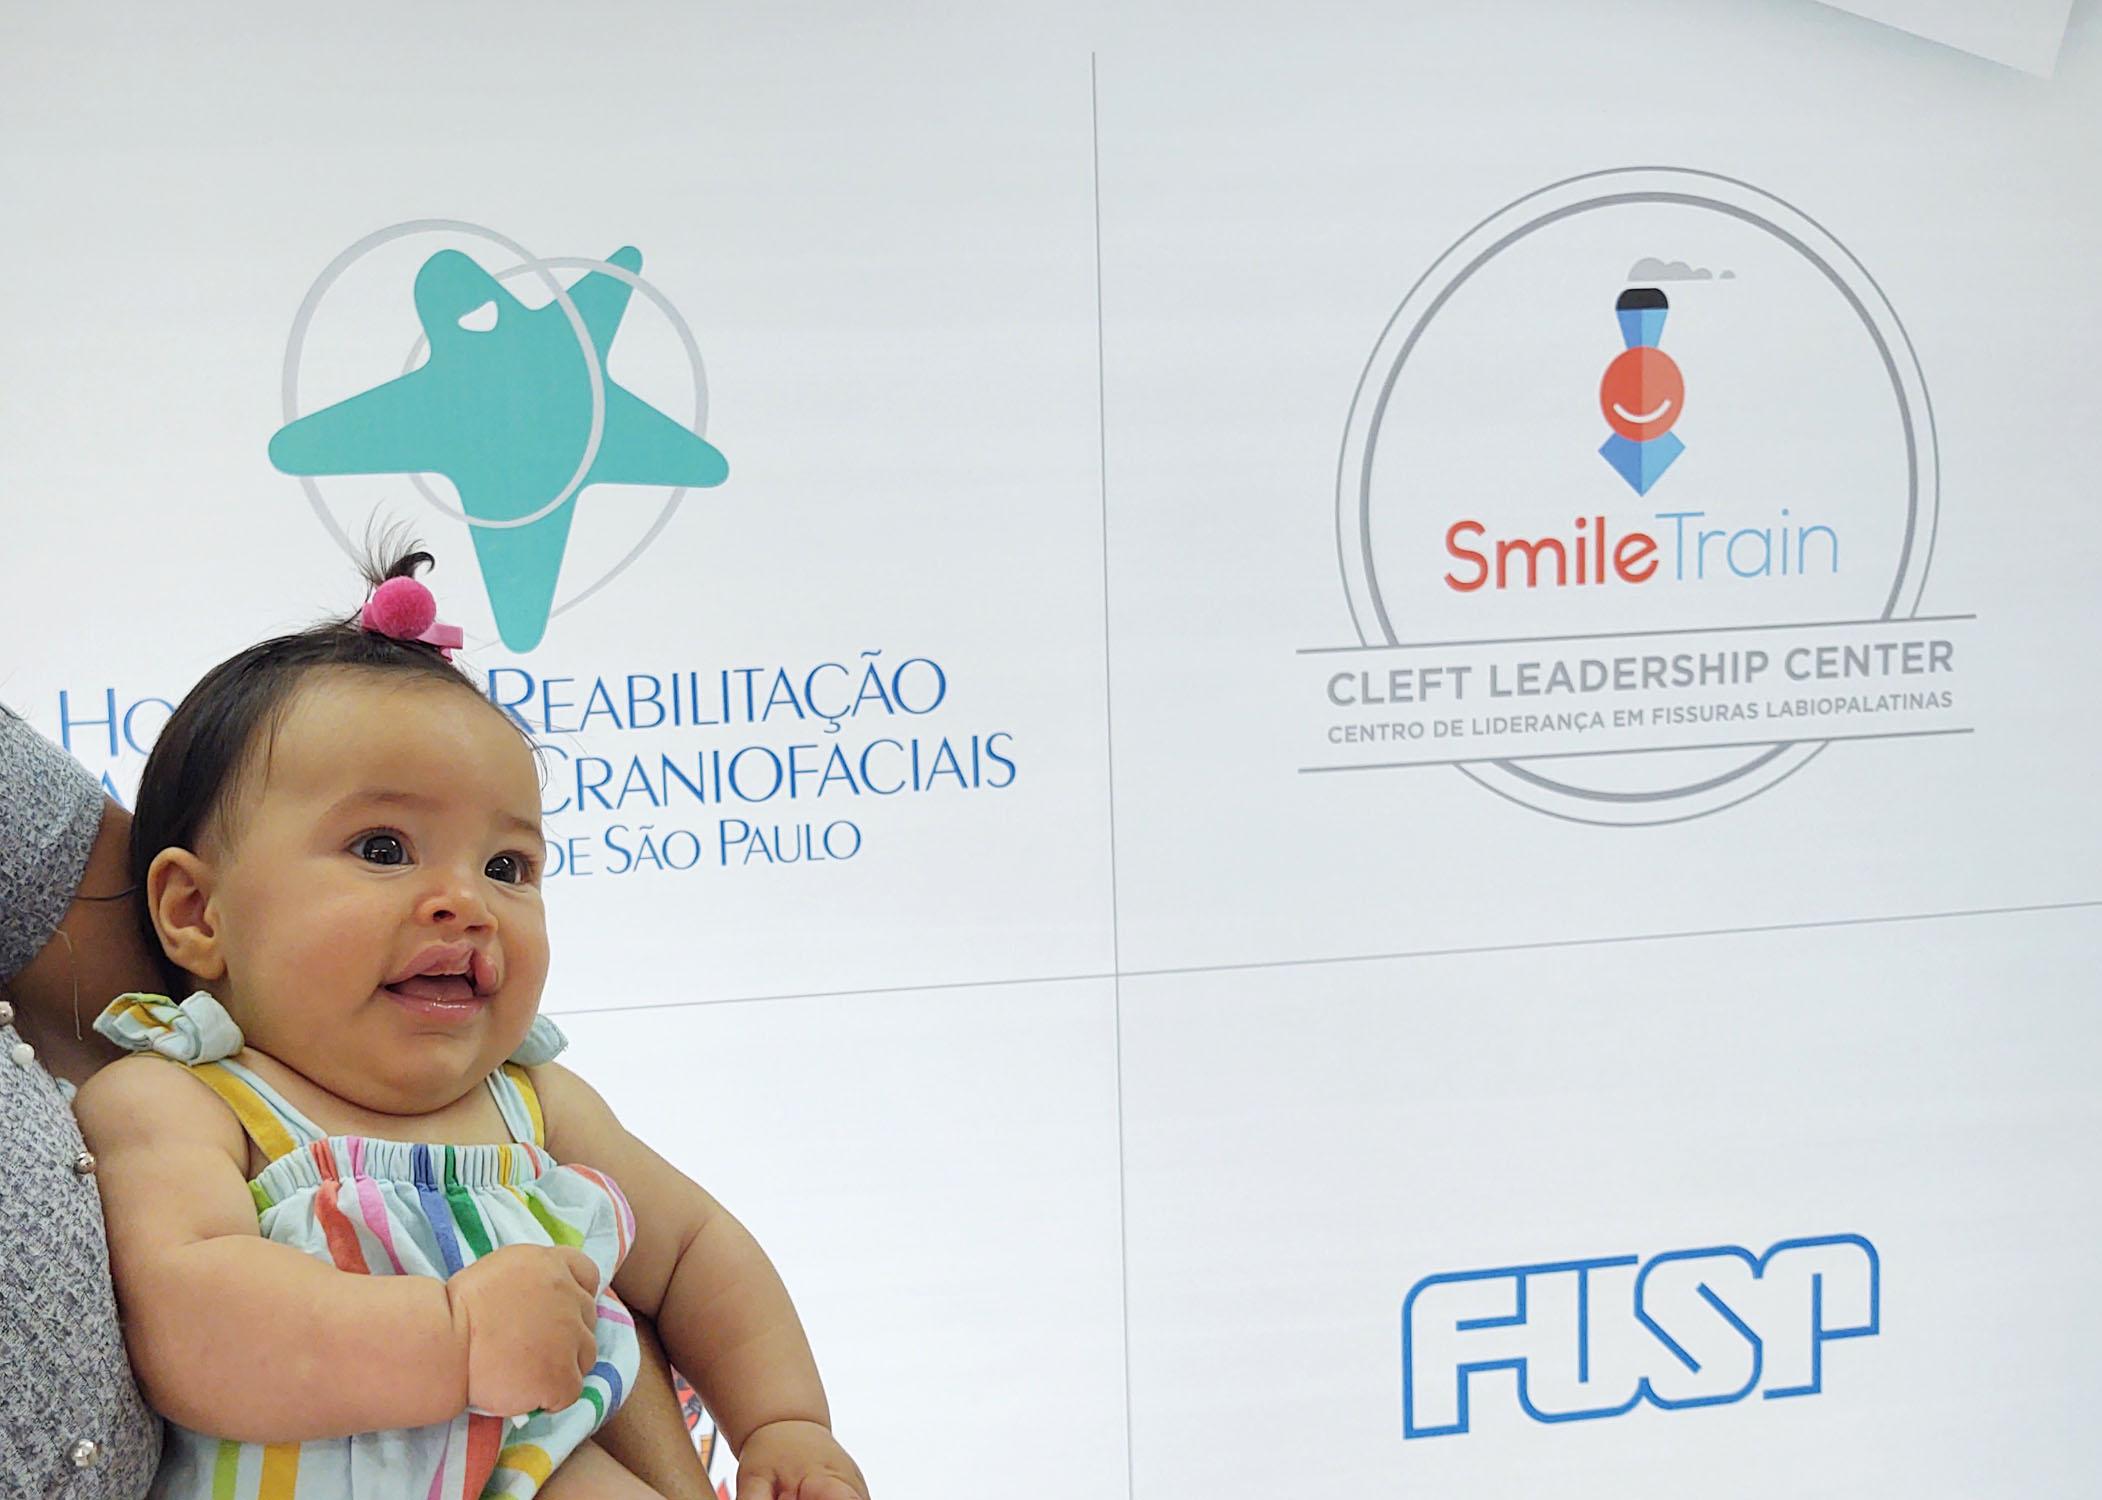 Ações visam promover inclusão, combate ao bullying e conscientização sobre a fissura labiopalatina